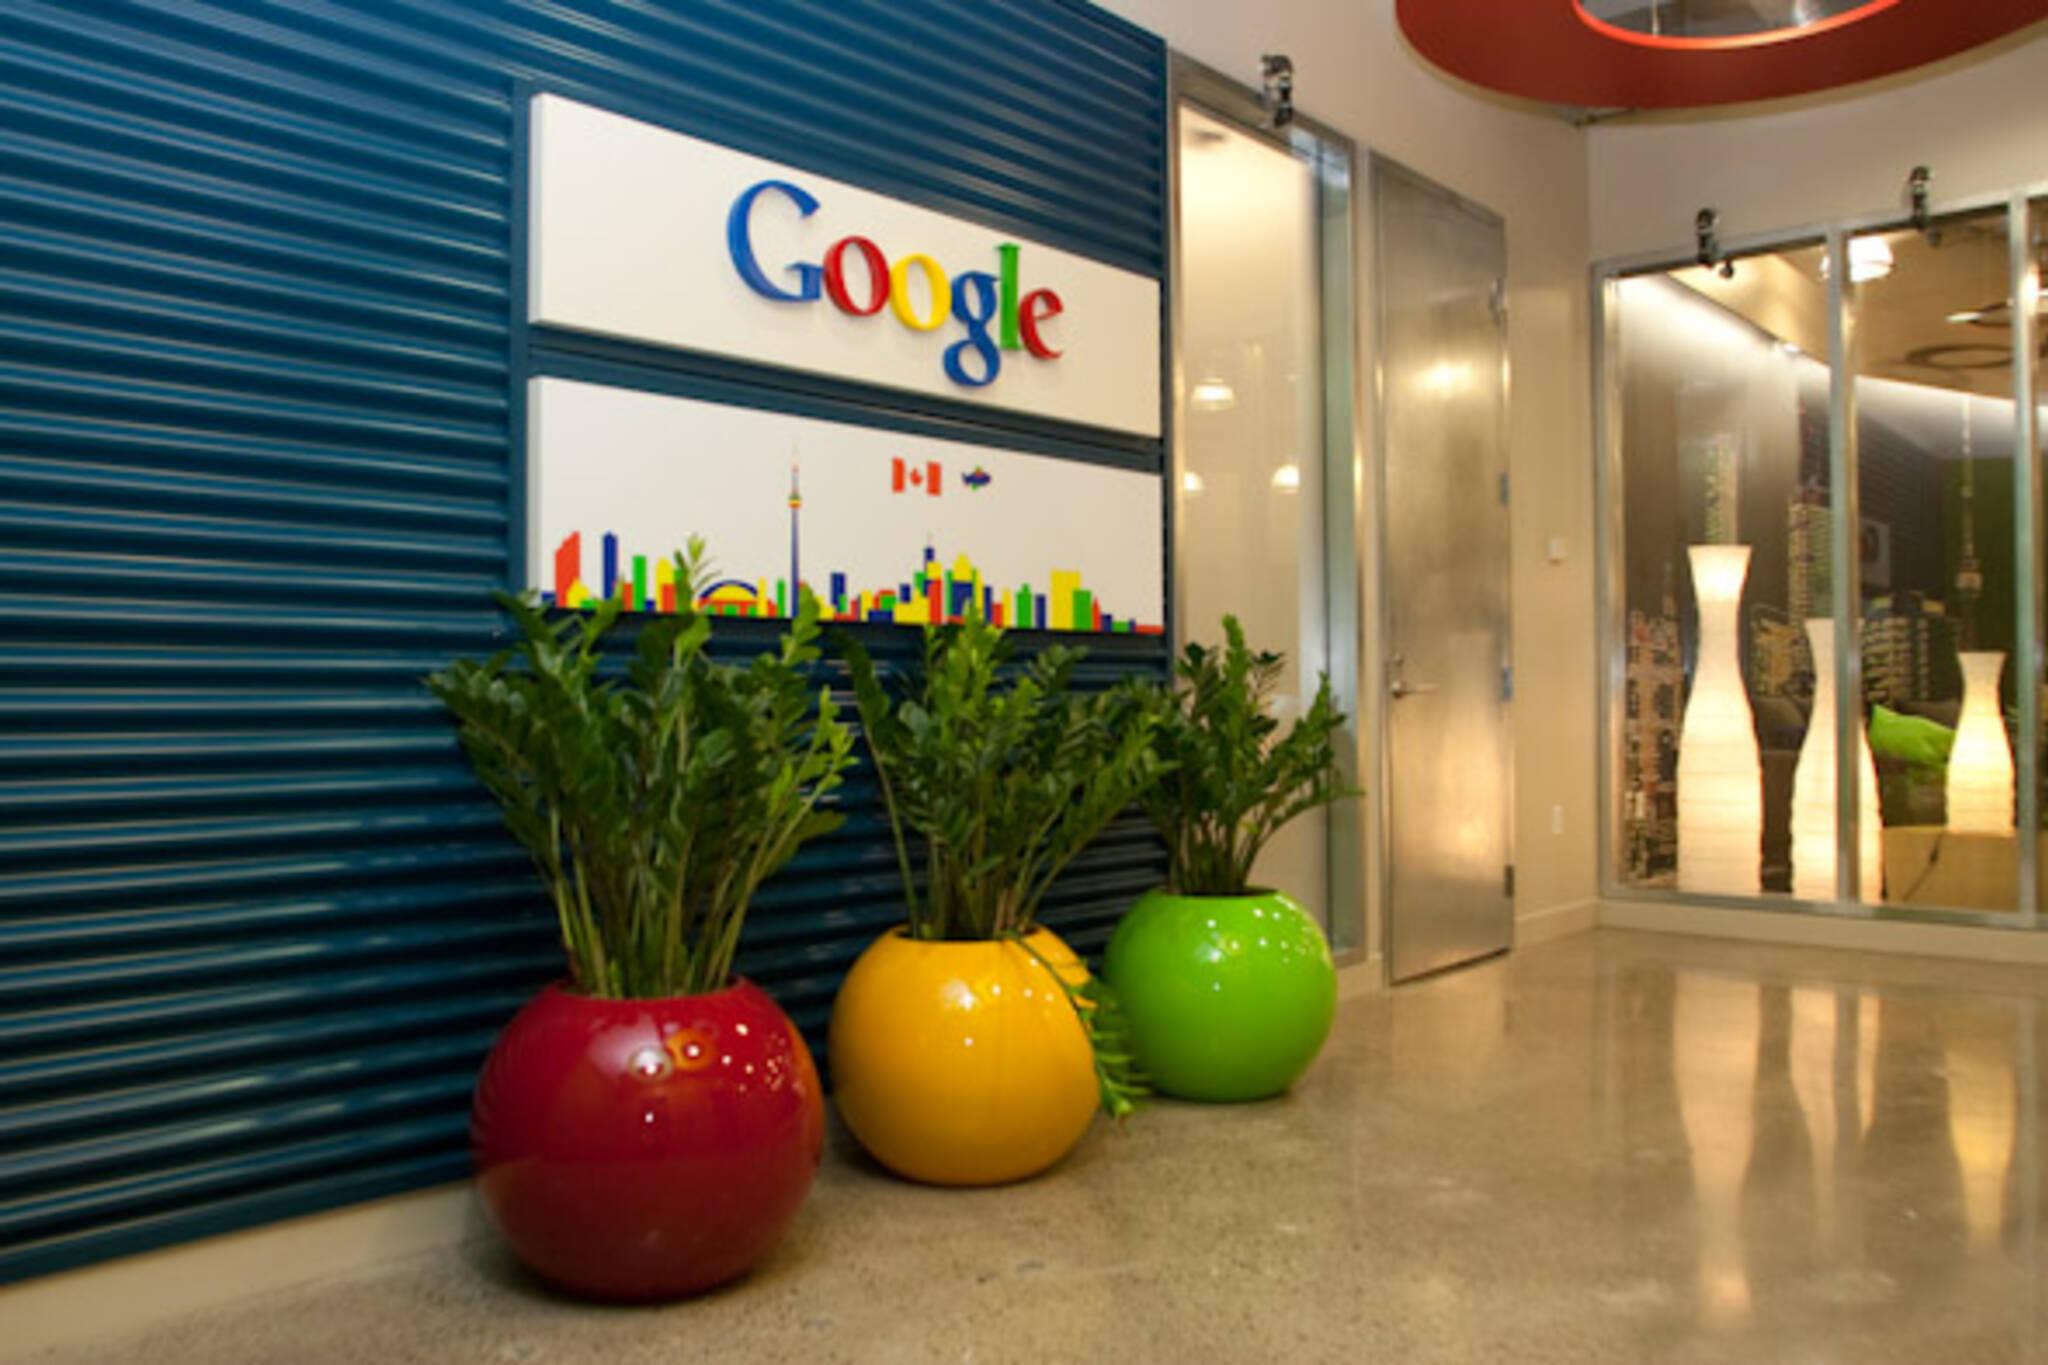 20090504-googlelobby.jpg